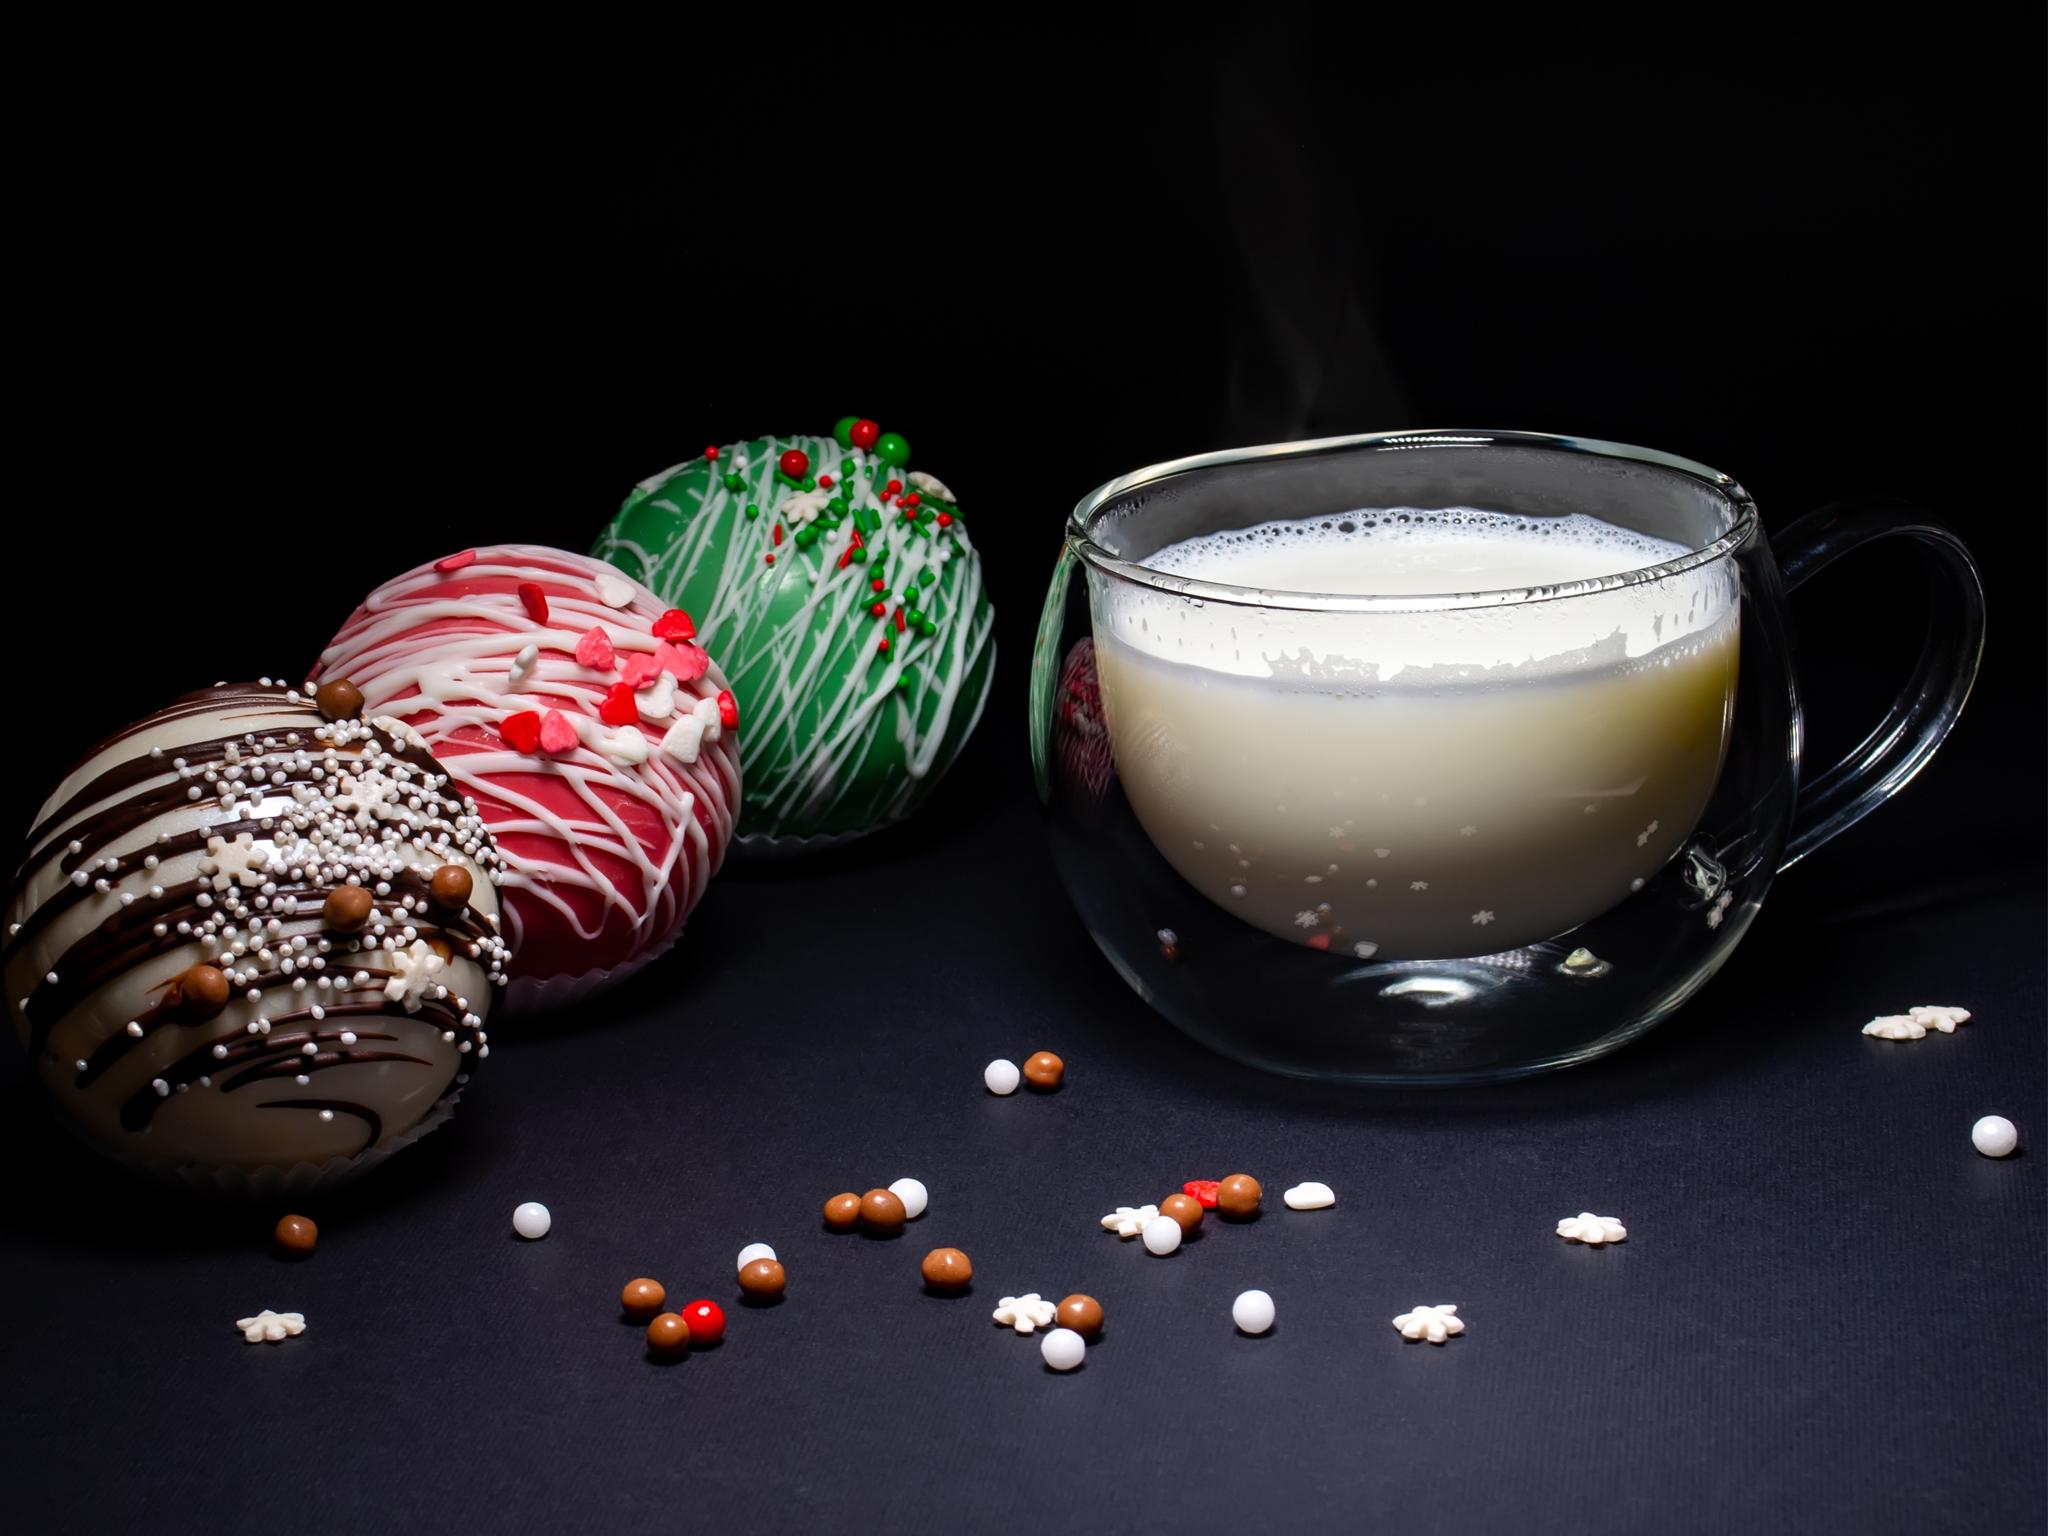 Taza de leche caliente con bolas de chocolate a un lado